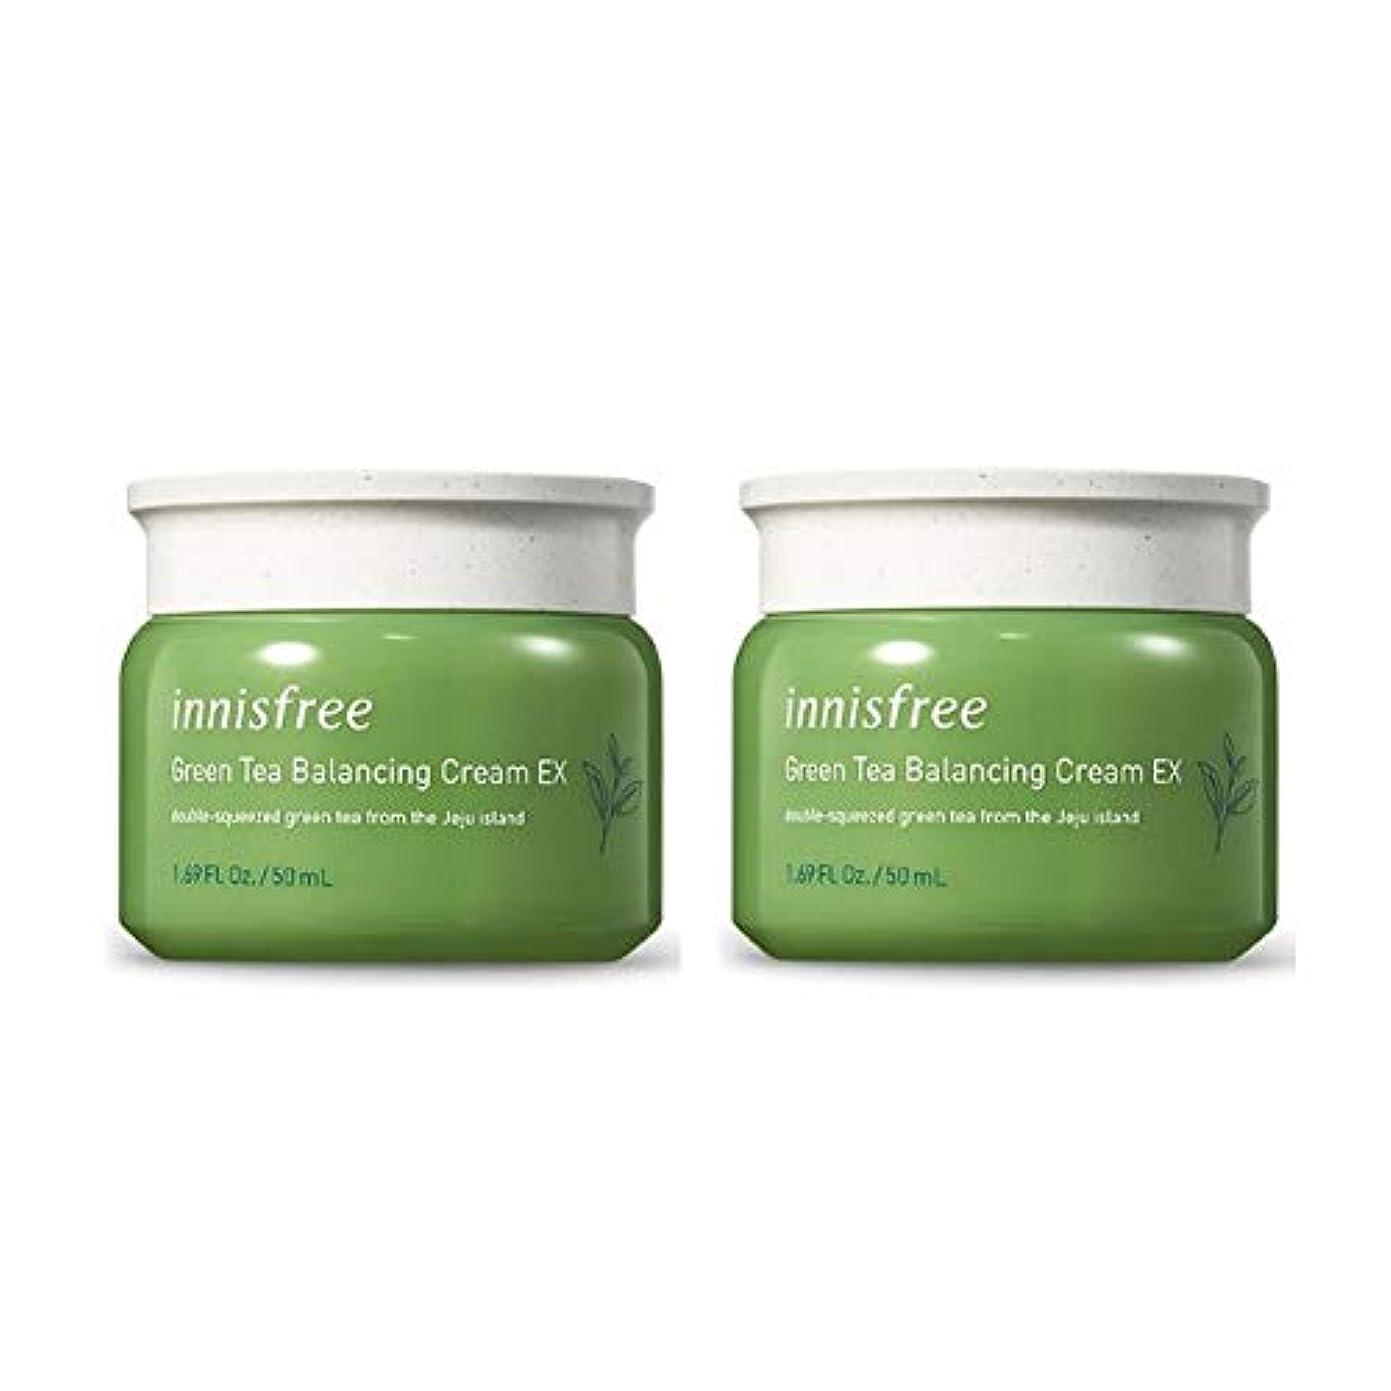 イニスフリーグリーンティーバランシングクリームEX 50mlx2本セット韓国コスメ、innisfree Green Tea Balancing Cream EX 50ml x 2ea Set Korean Cosmetics...